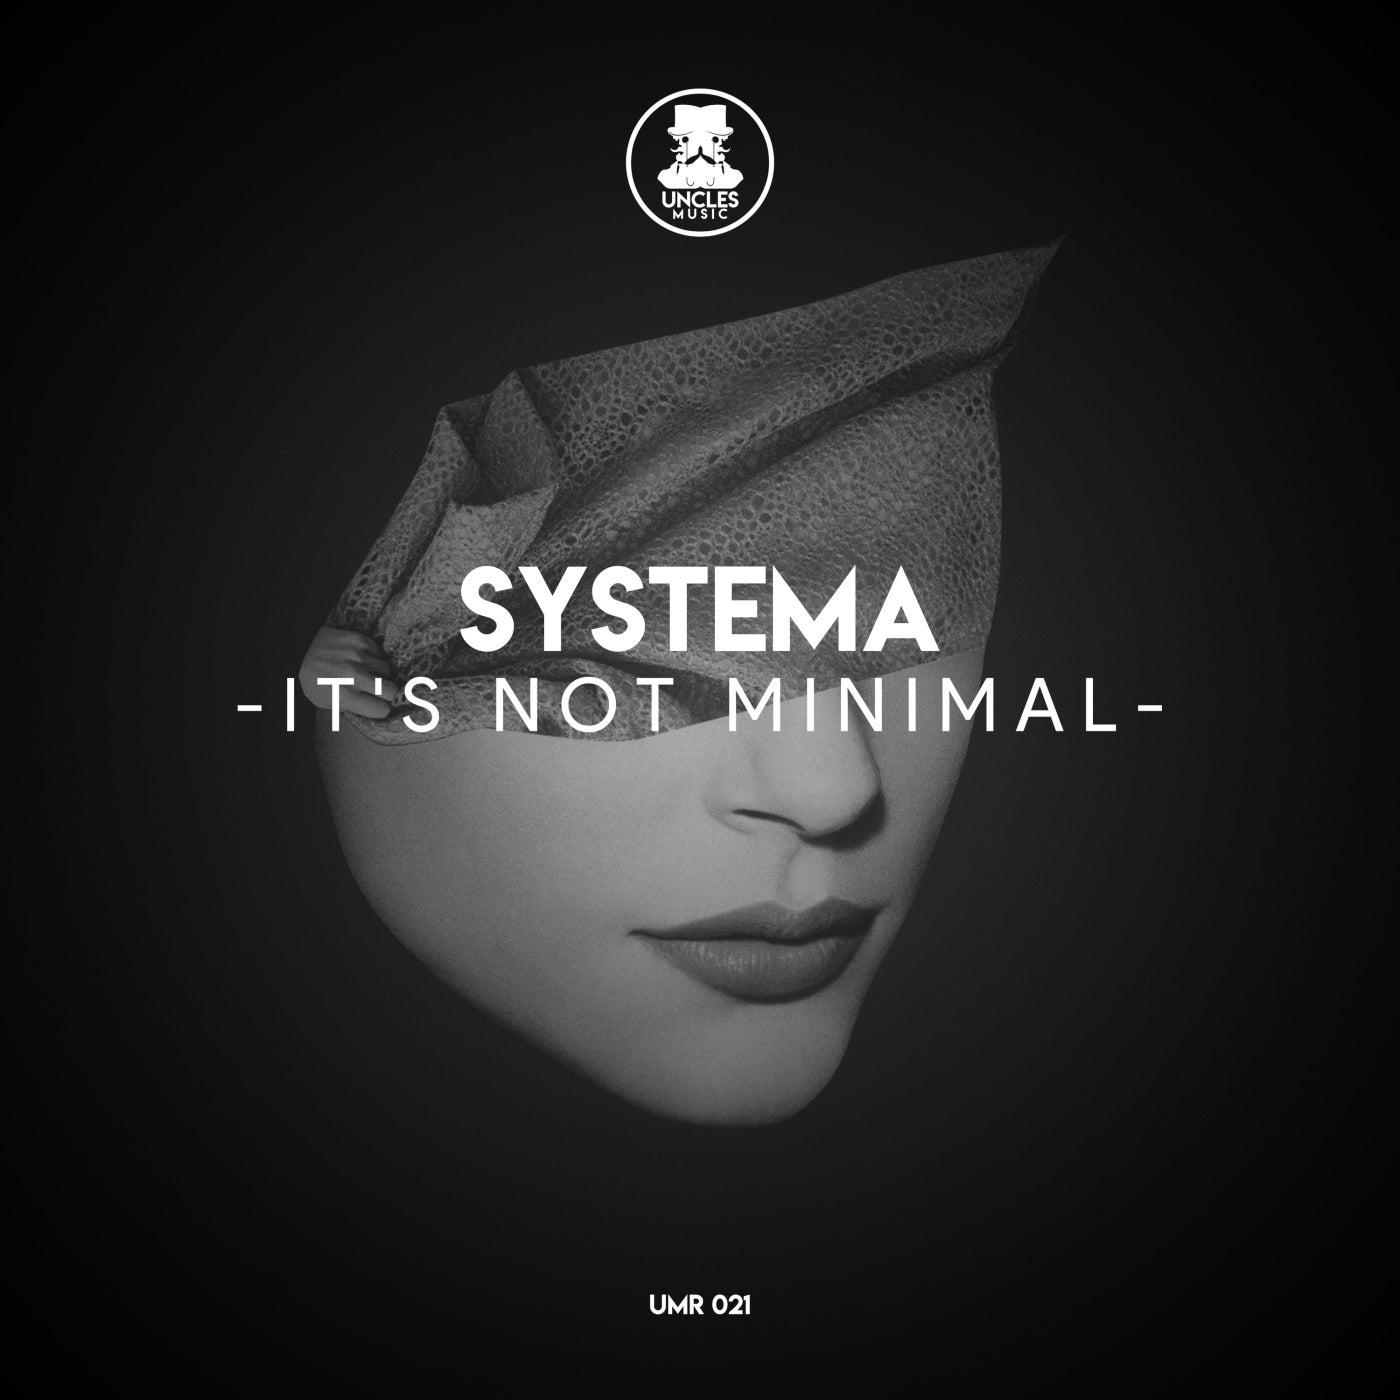 It's Not Minimal (Original Mix)